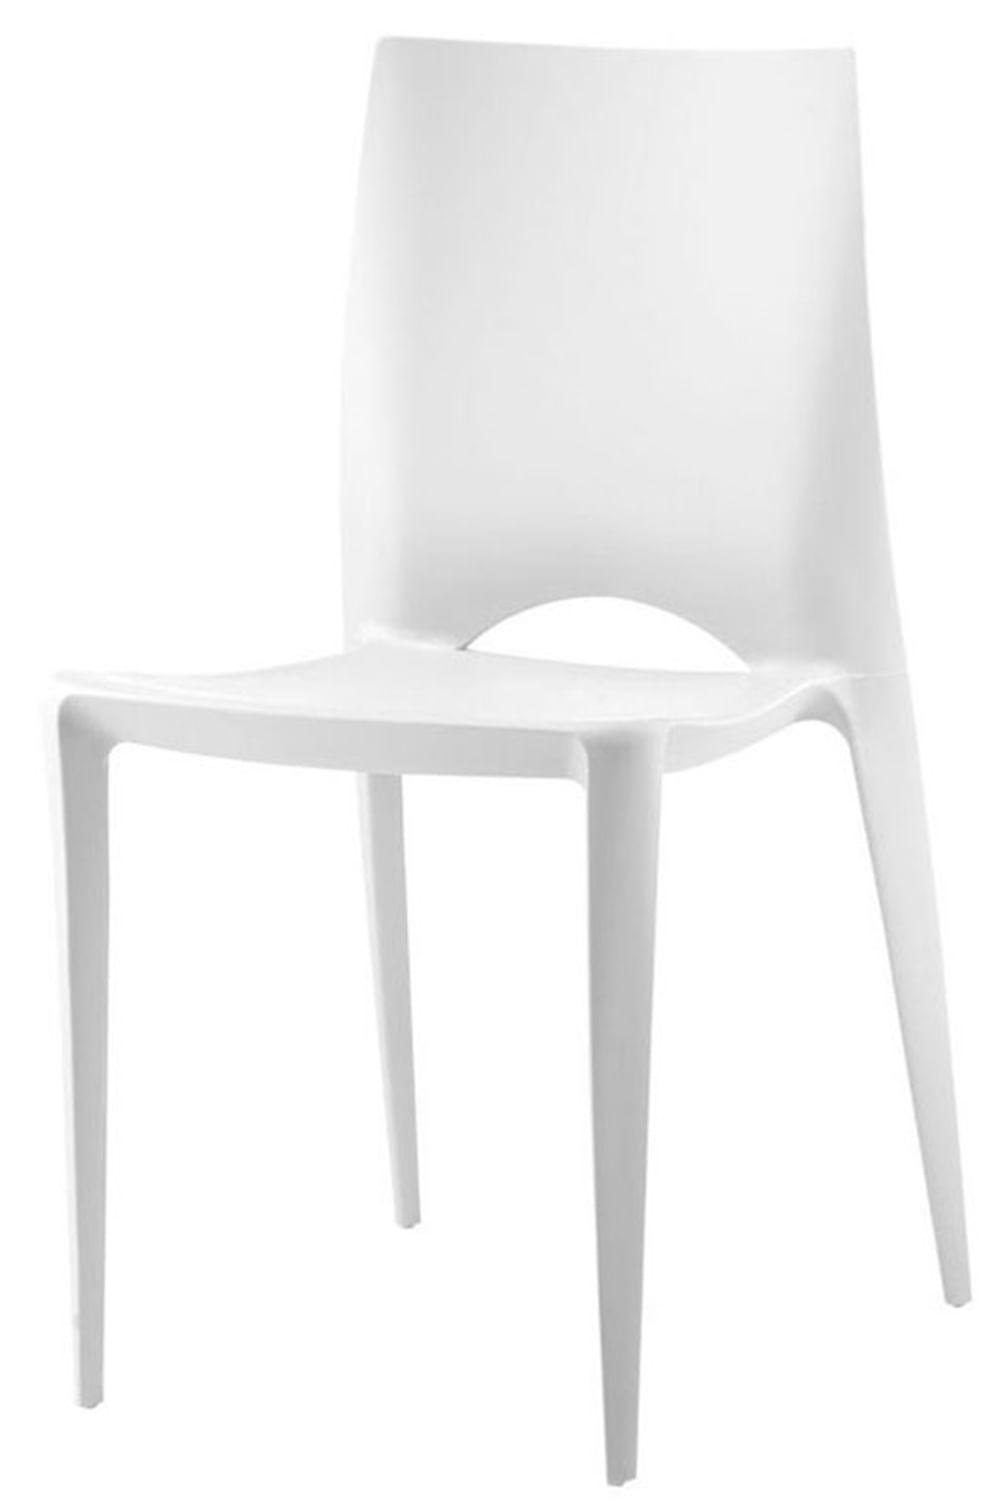 Cadeira Daiane Produzida em Polipropileno Branco - 11376